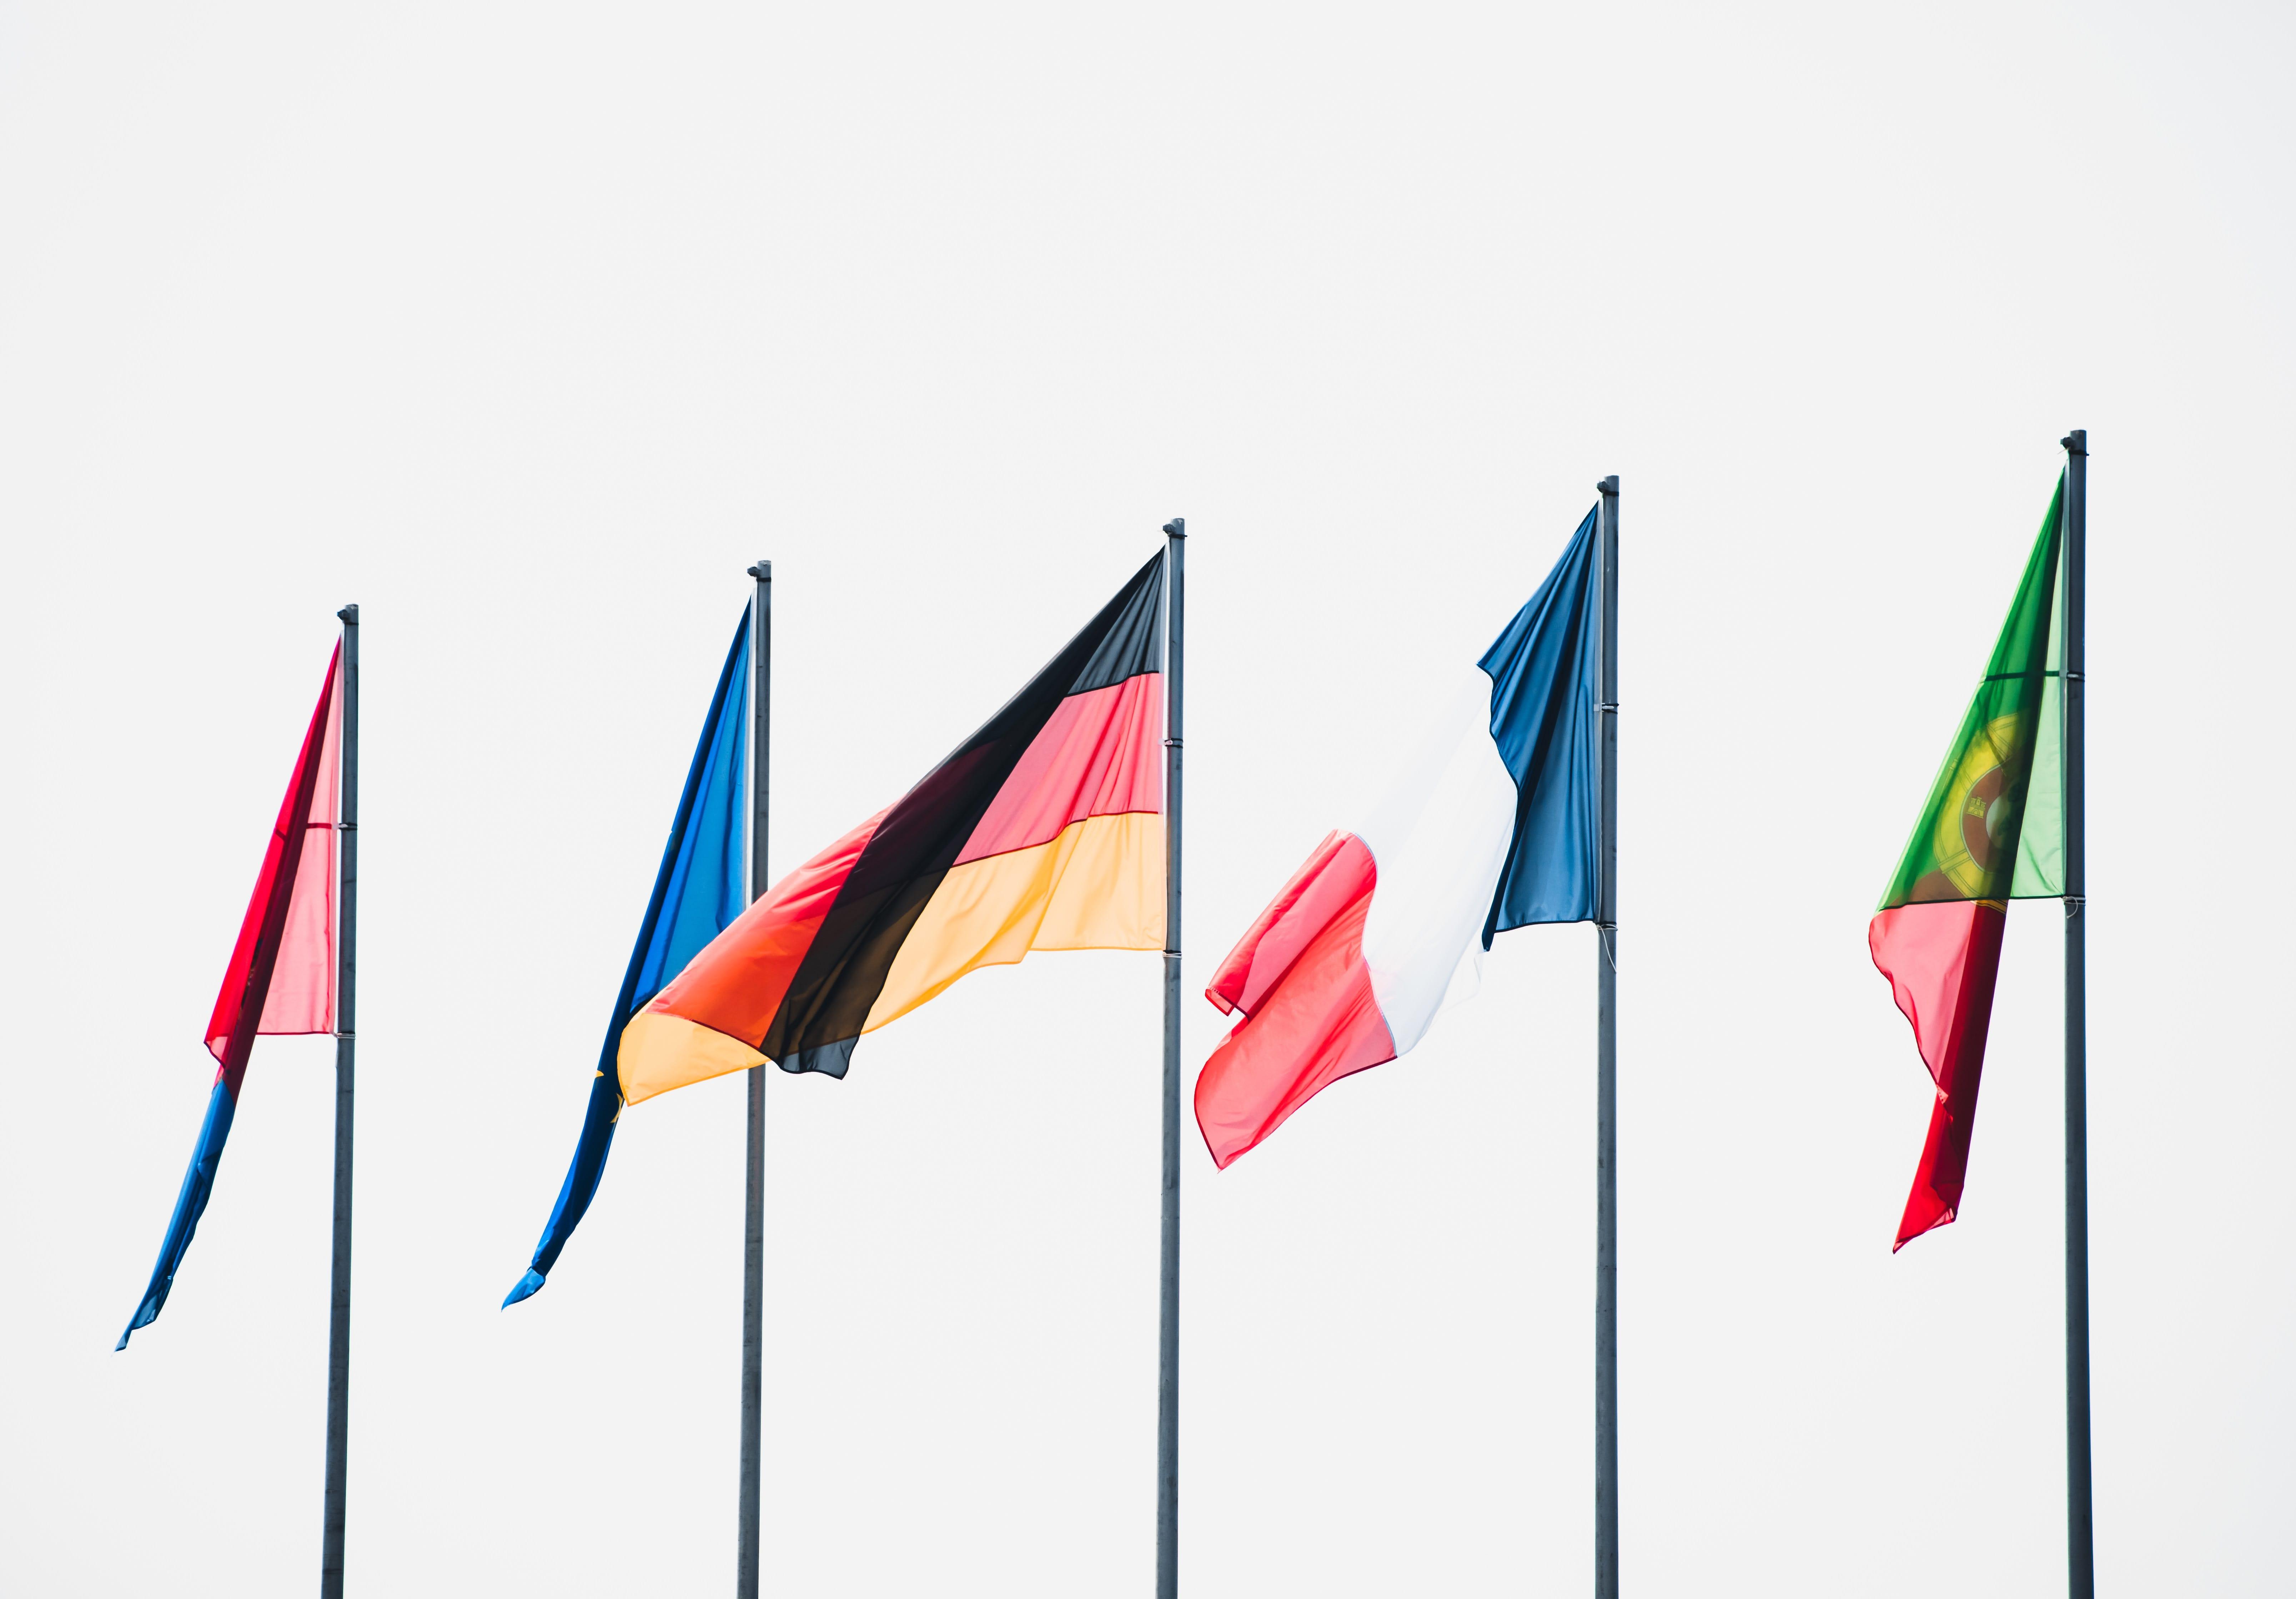 La direttiva UE sul copyright: stato, contenuto e posizioni